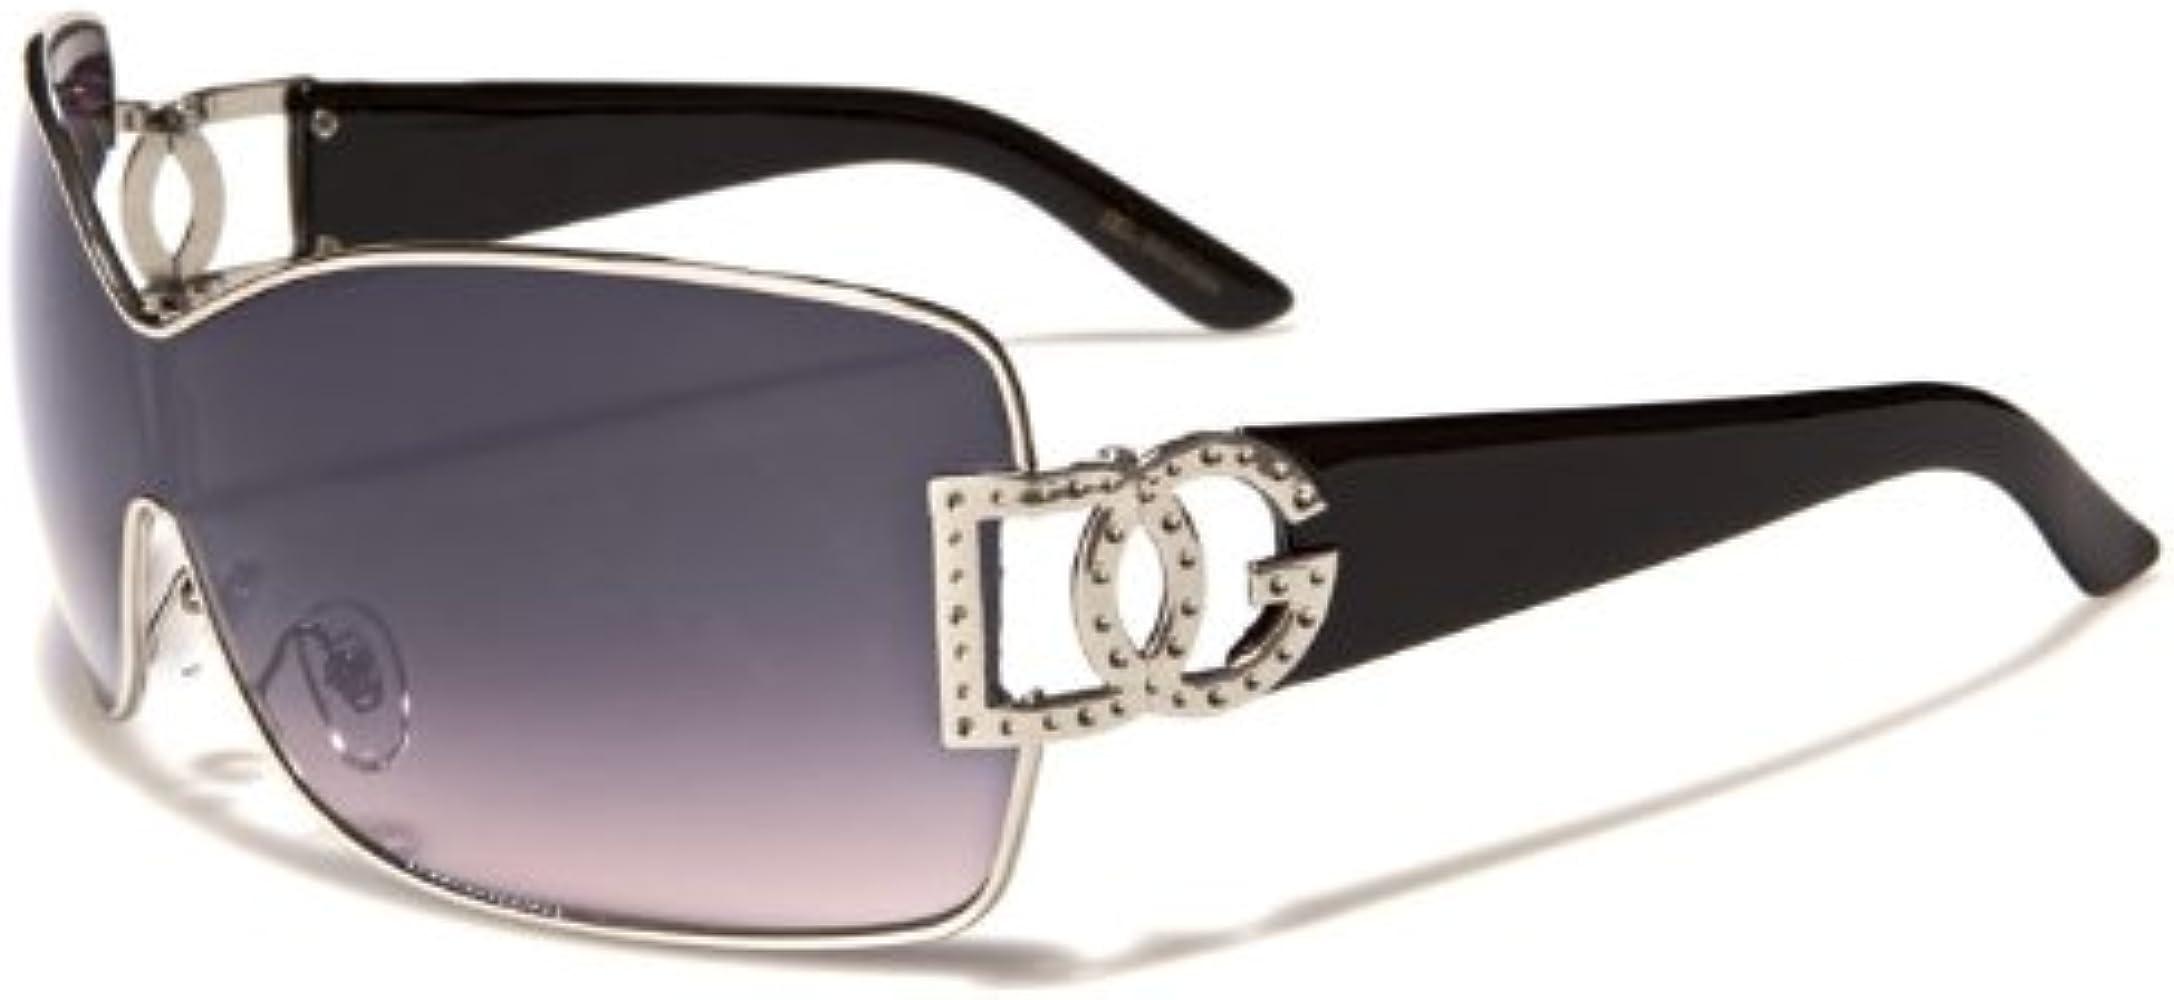 DG Eyewear ® Gafas de Sol - Nuevas con etiquetas - La Nueva Colleción, Model: DG Palermo